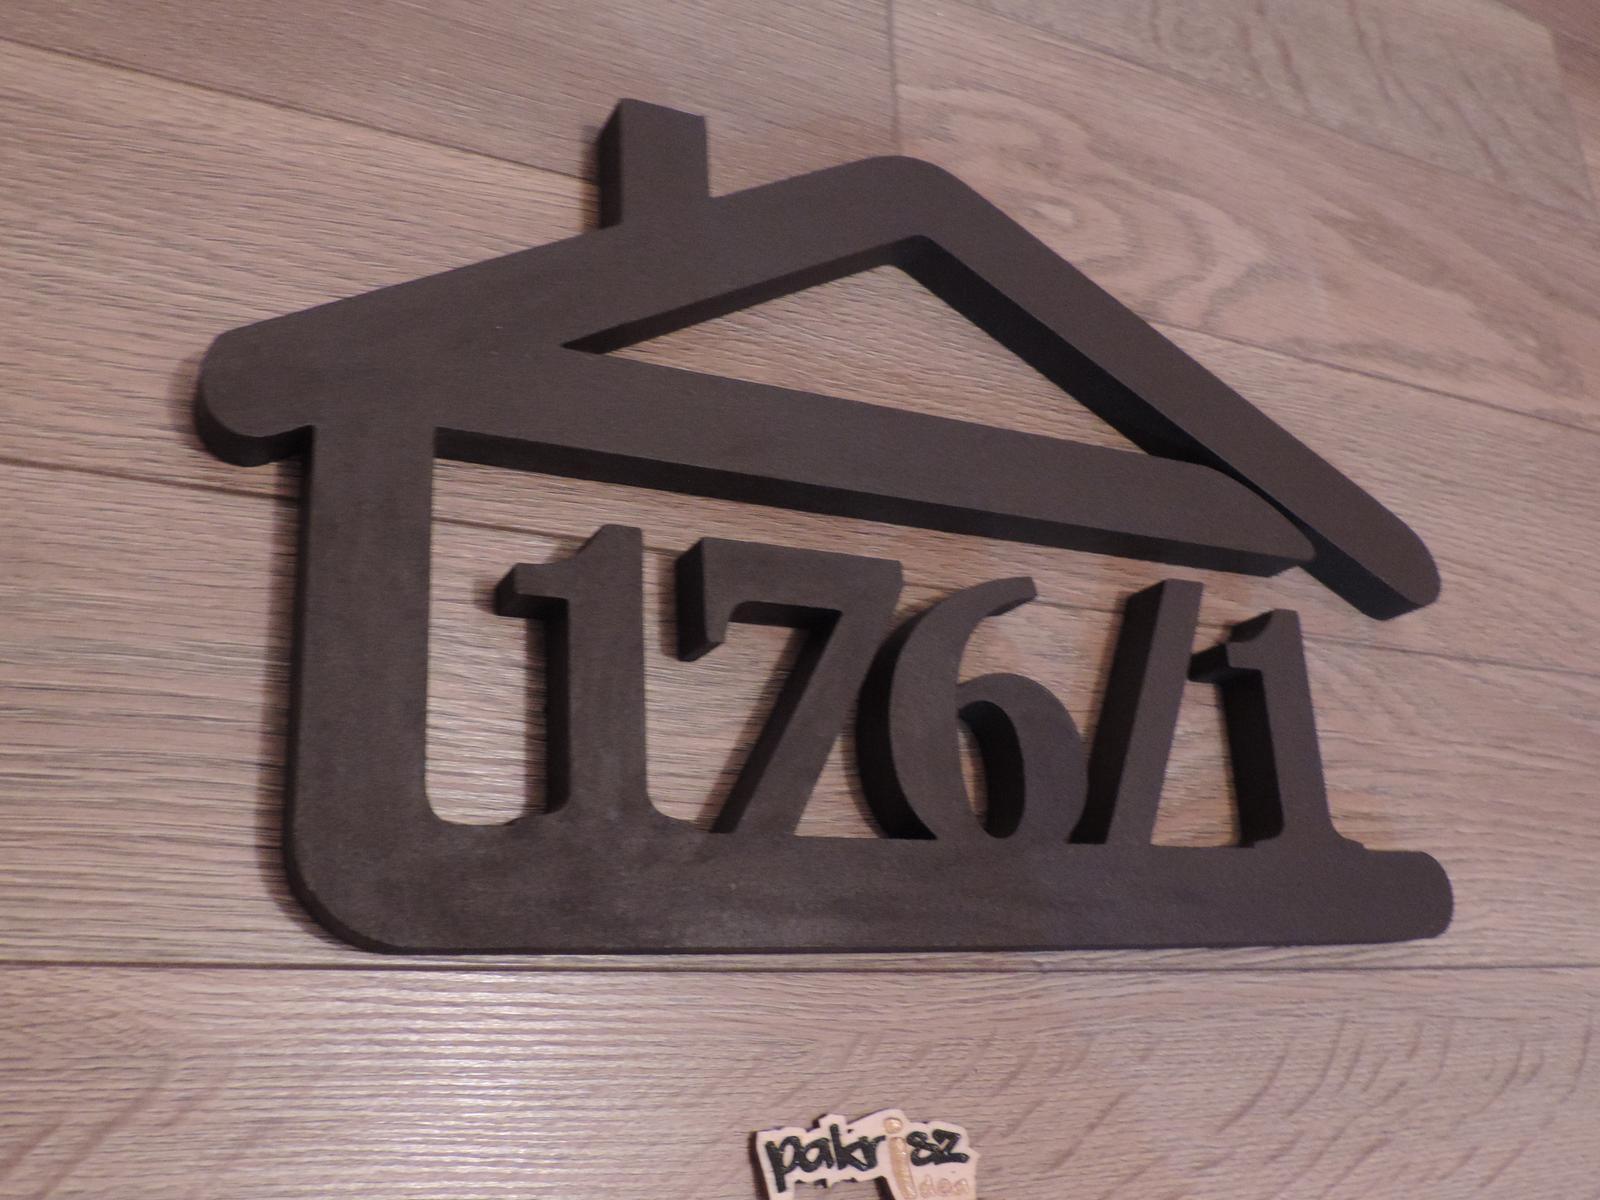 Originálne čísla na dom v domčeku - Obrázok č. 49